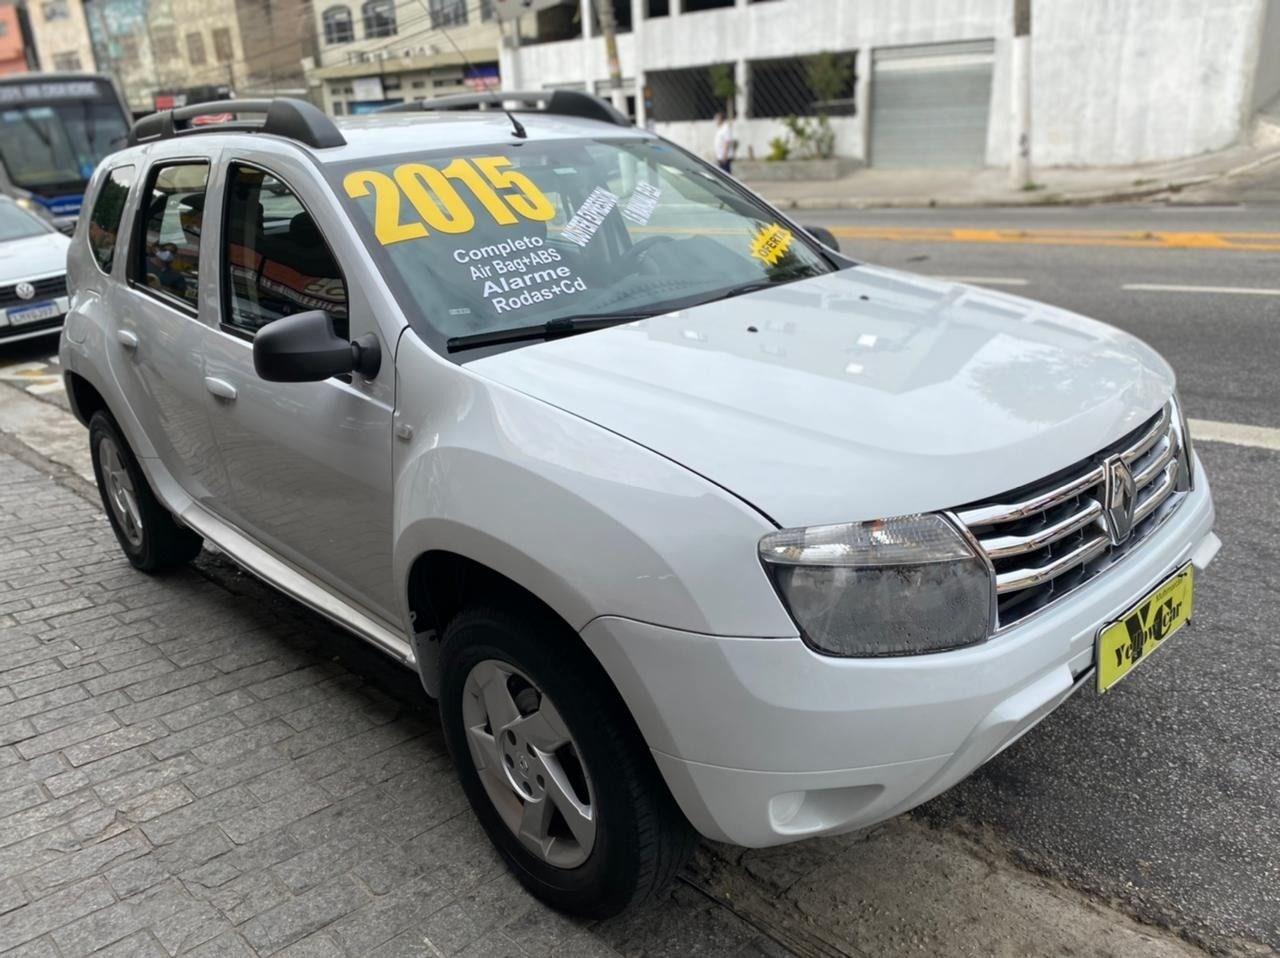 //www.autoline.com.br/carro/renault/duster-16-16v-flex-4p-manual/2015/sao-paulo-sp/15110187